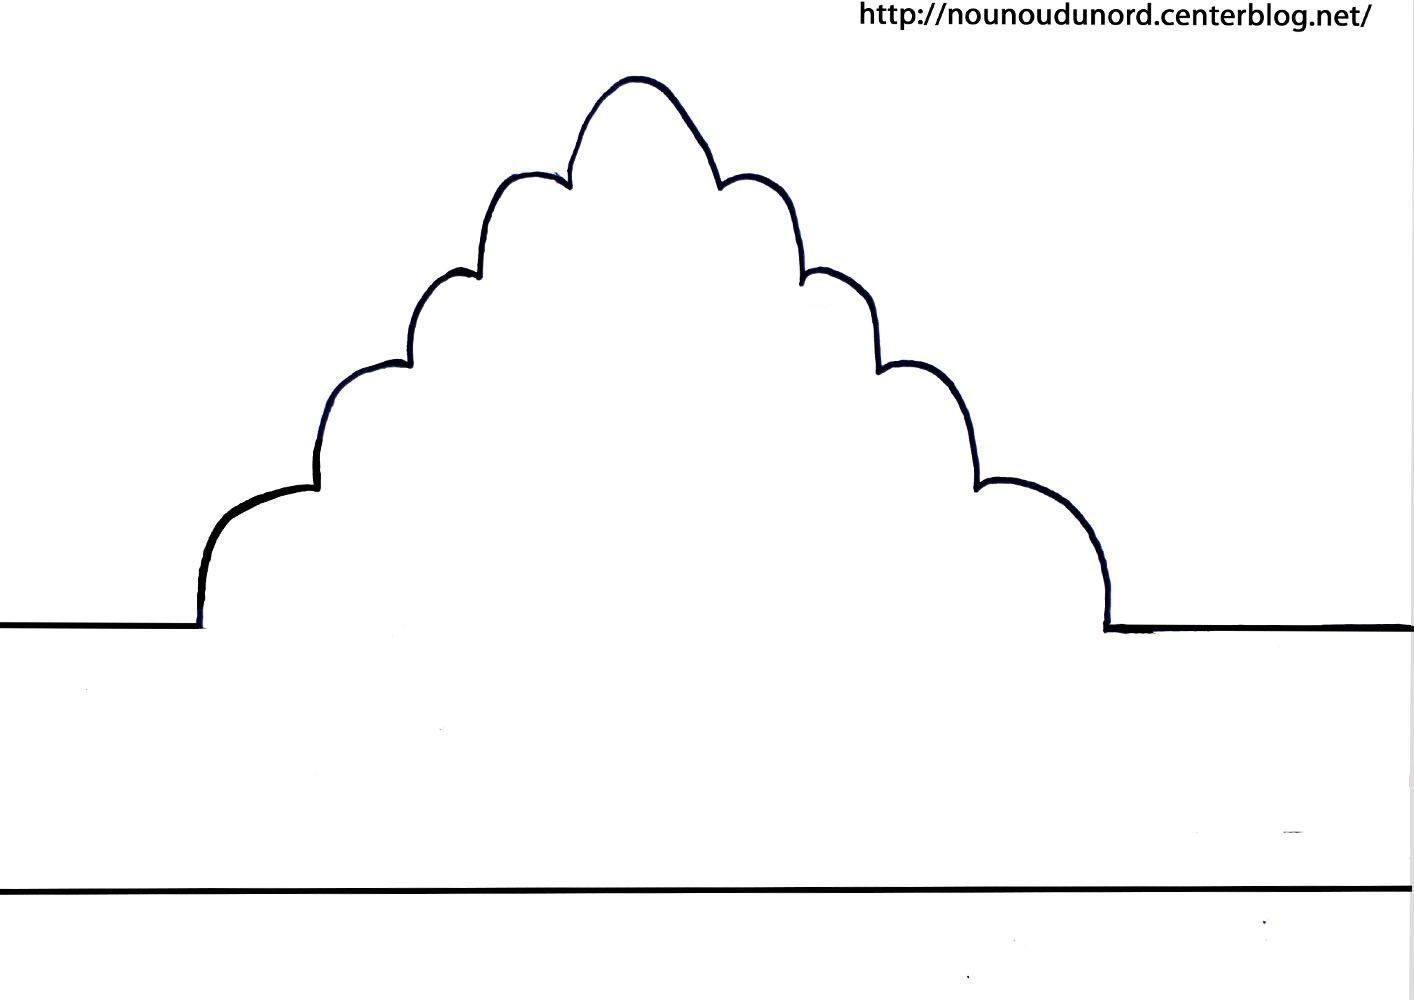 couronne d corer avec des gommettes plus d 39 autres mod les imprimer sur mon lien http. Black Bedroom Furniture Sets. Home Design Ideas